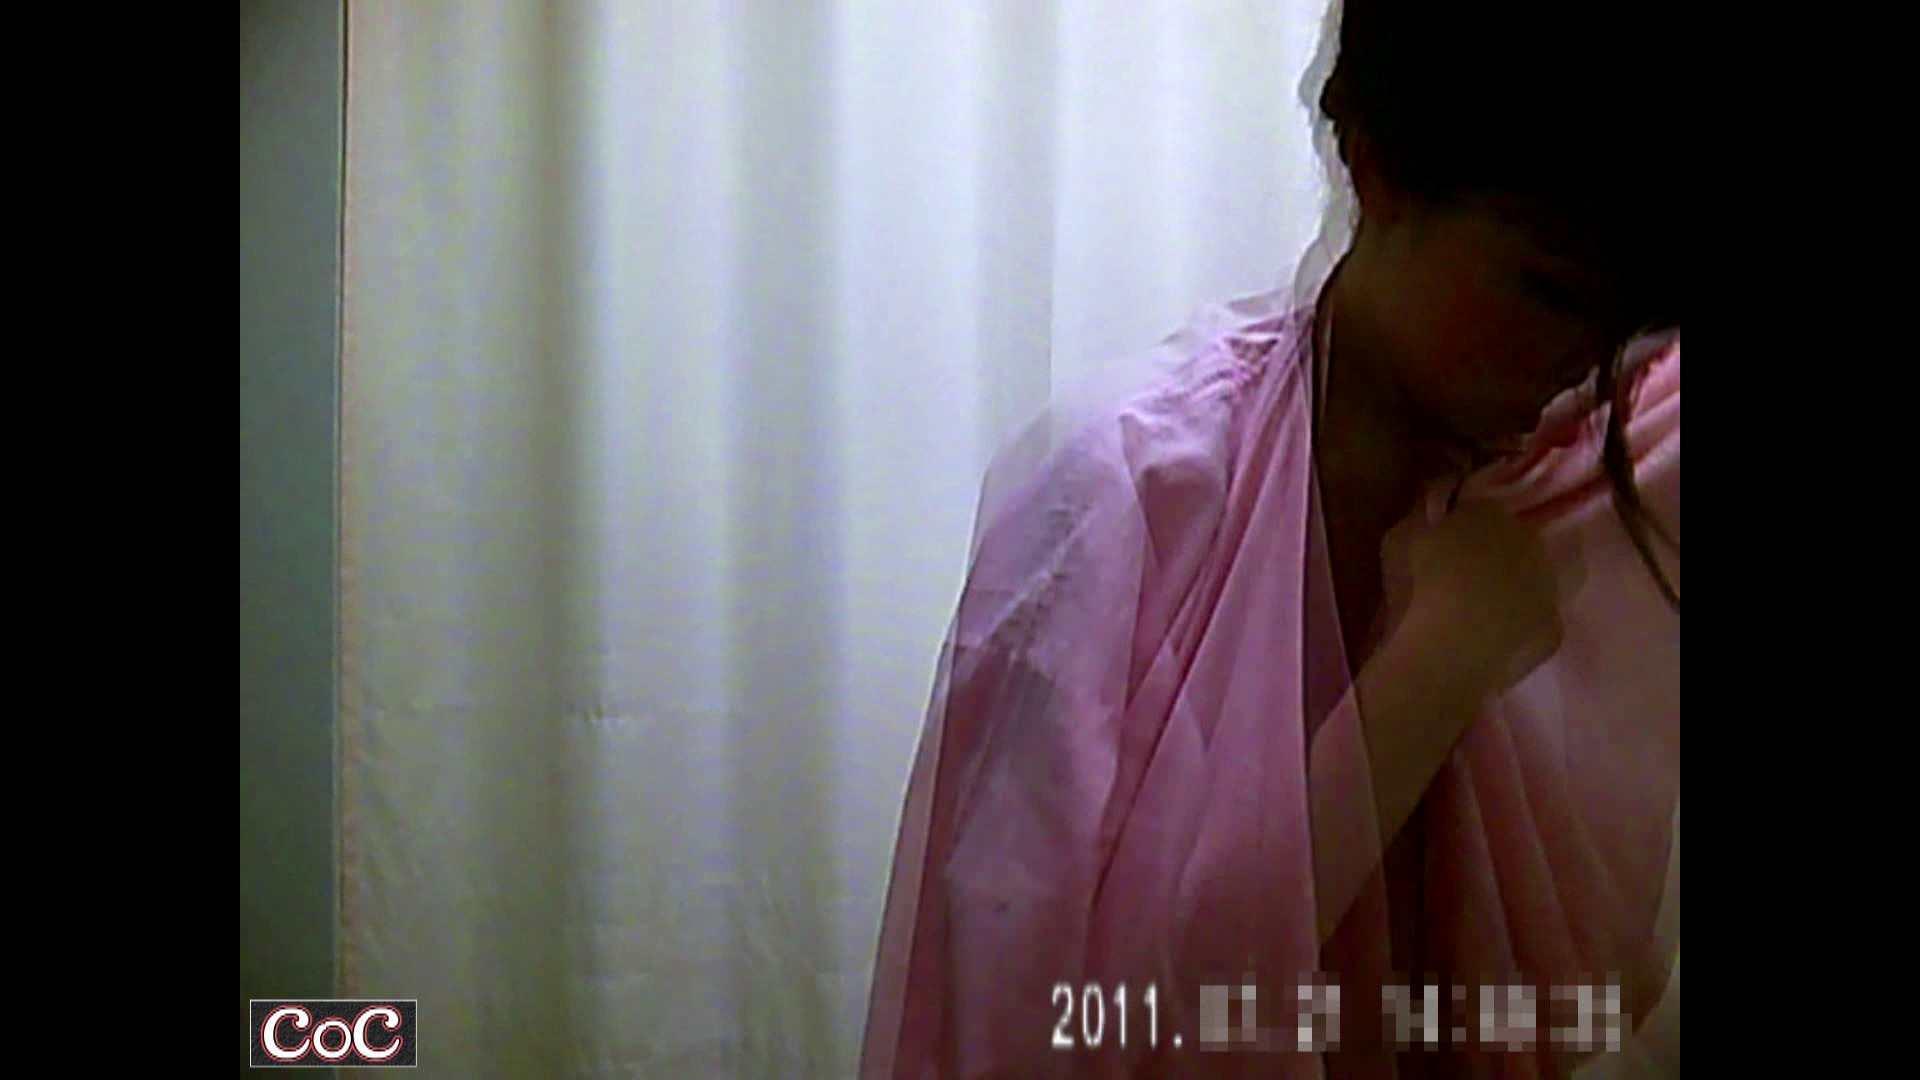 病院おもいっきり着替え! vol.04 美しいOLの裸体 おまんこ無修正動画無料 107pic 107